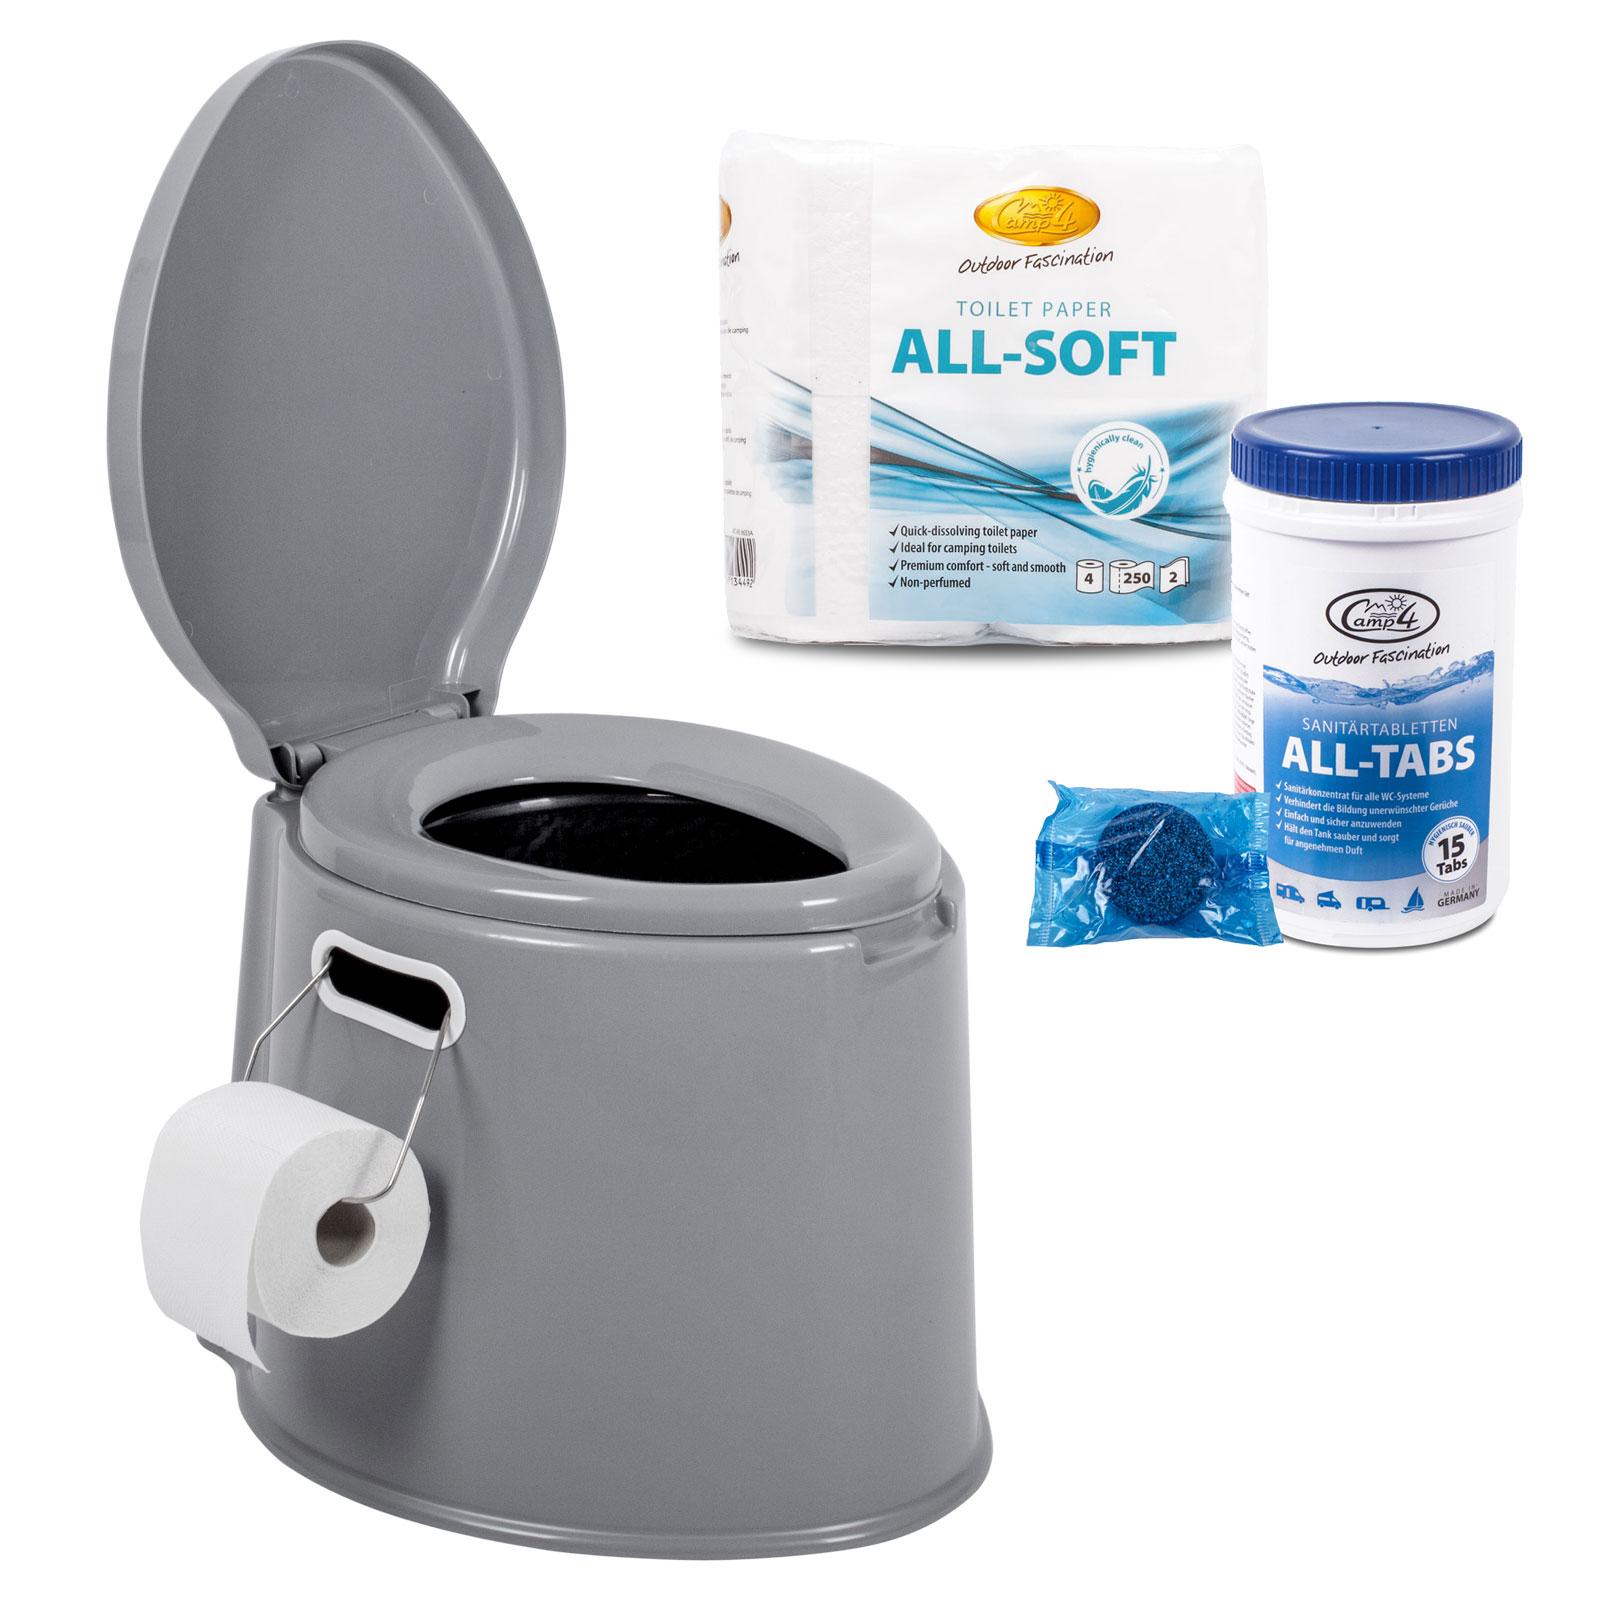 Tragbare Campingtoilette + Camp4 Toilettenpapier, Toilettentabs